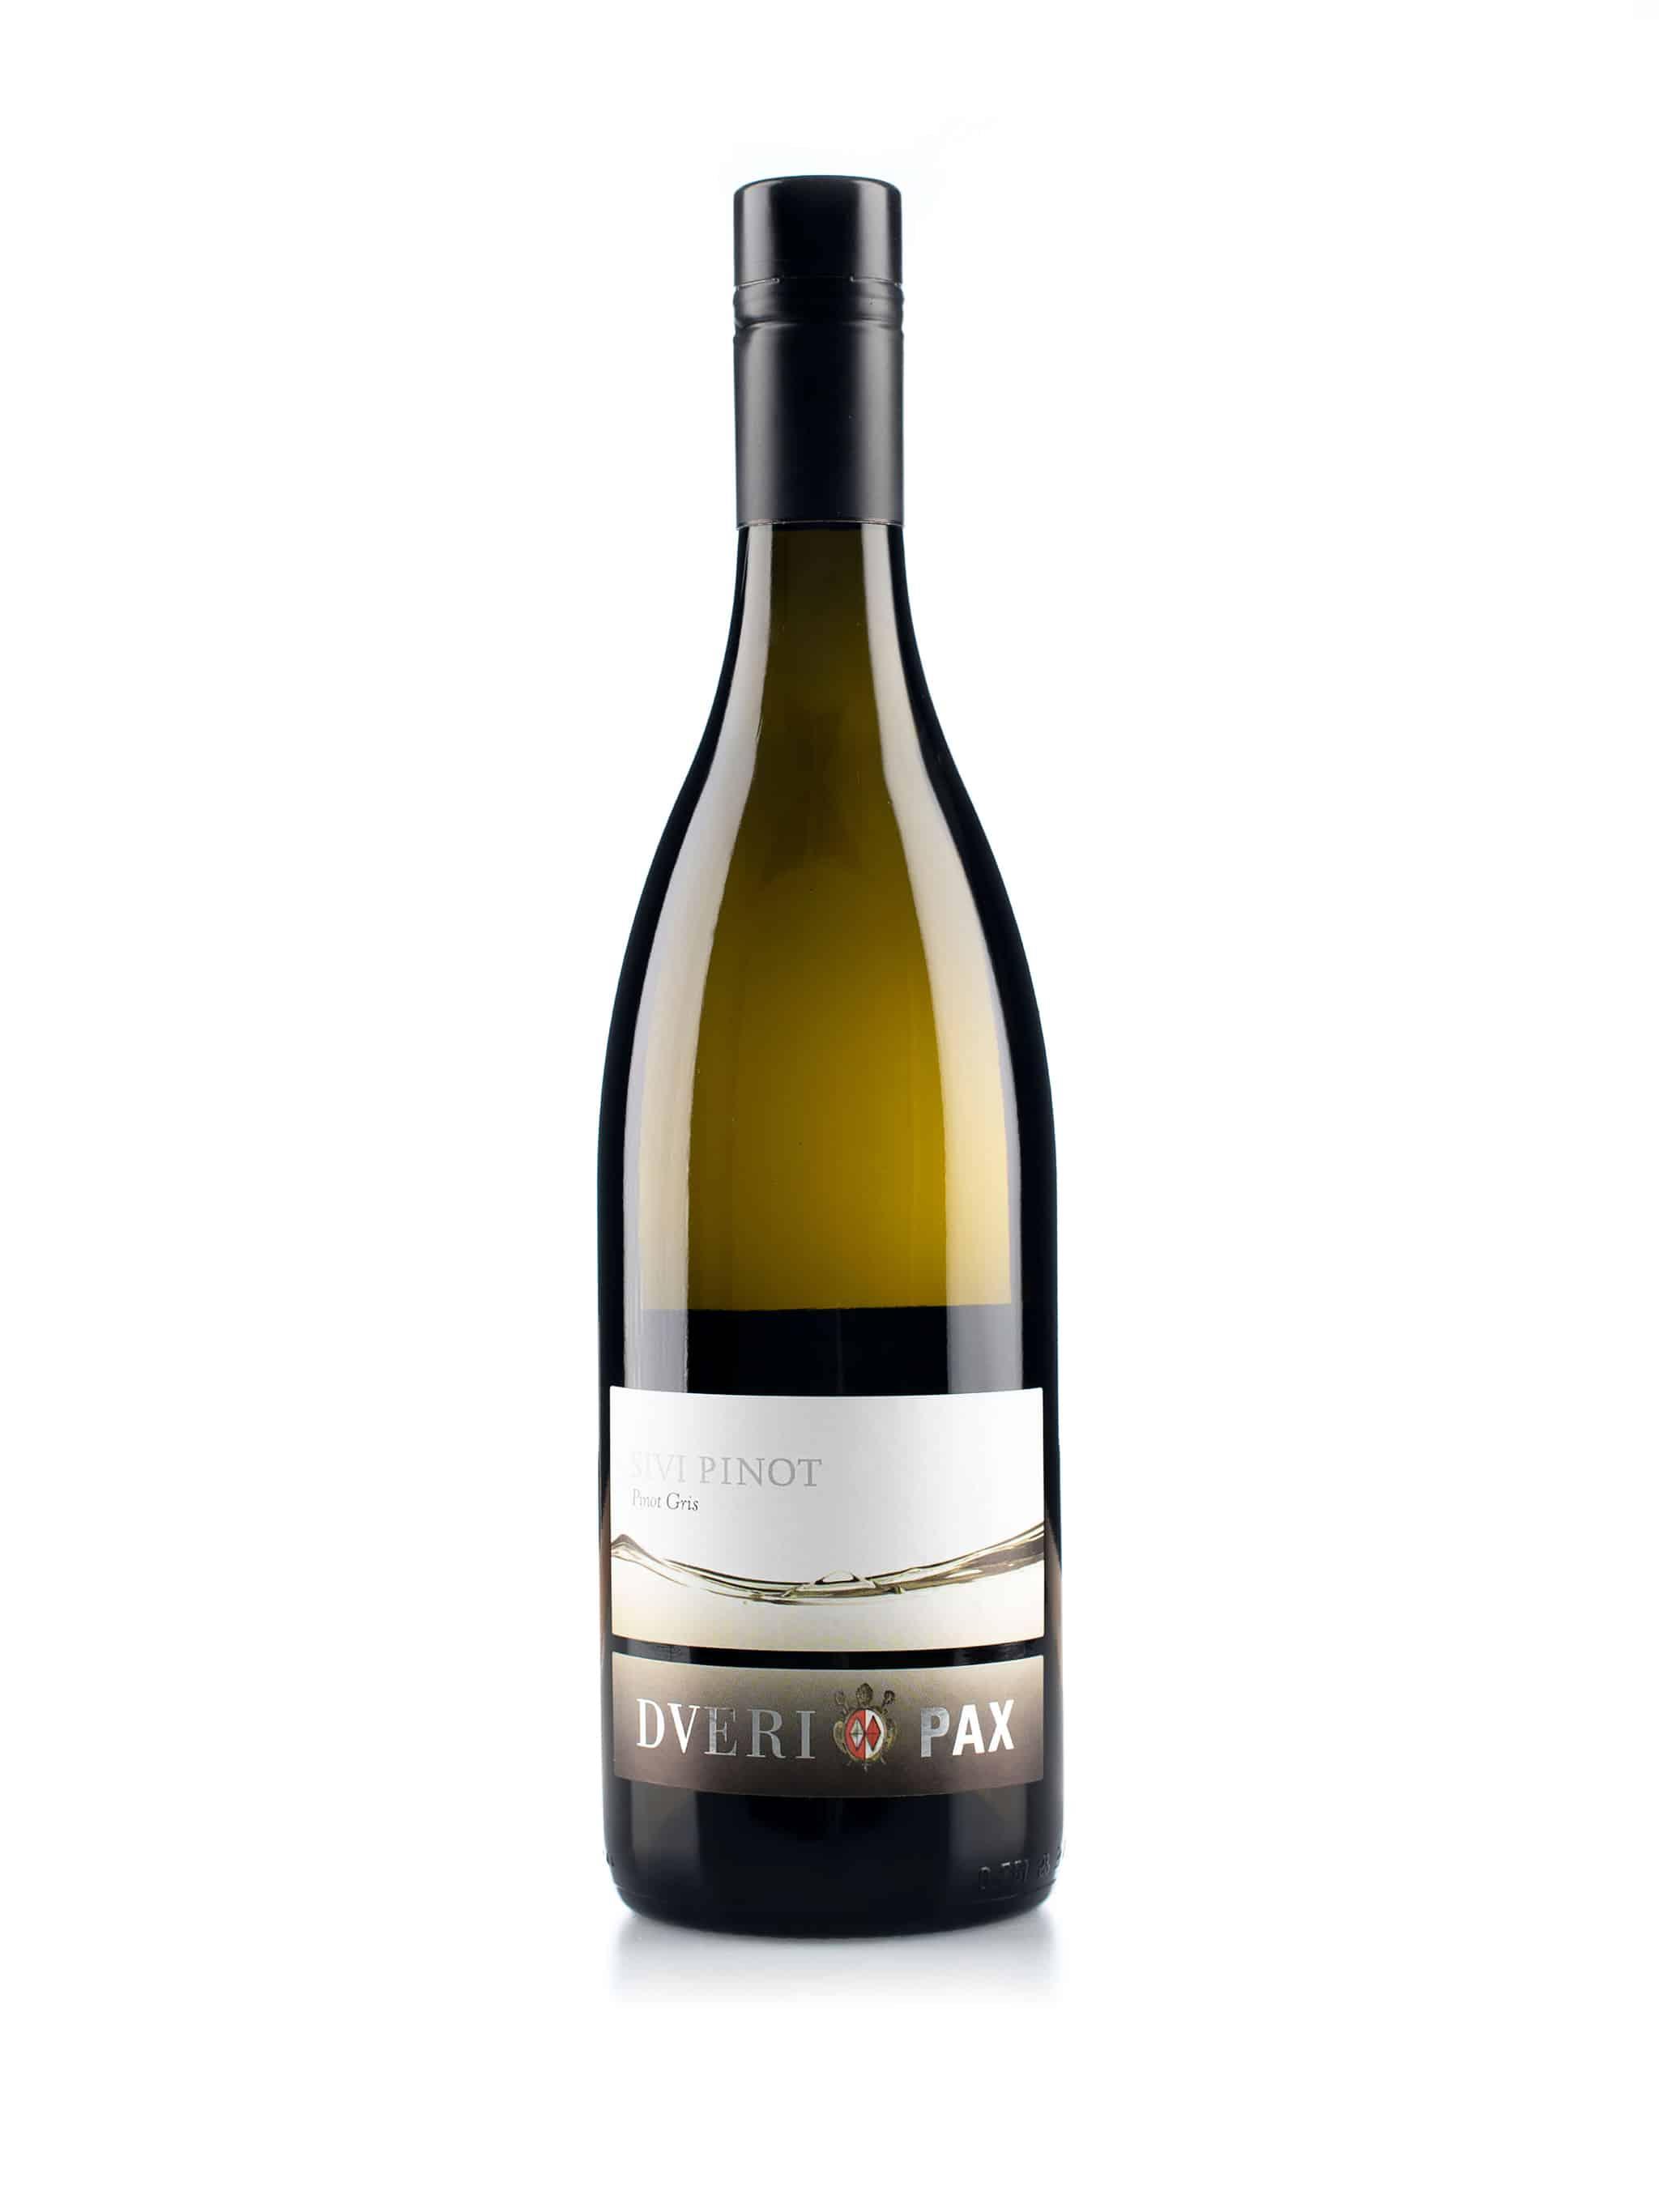 Sloveense witte wijn van wijndomein Dveri-Pax: Pinot Grigio